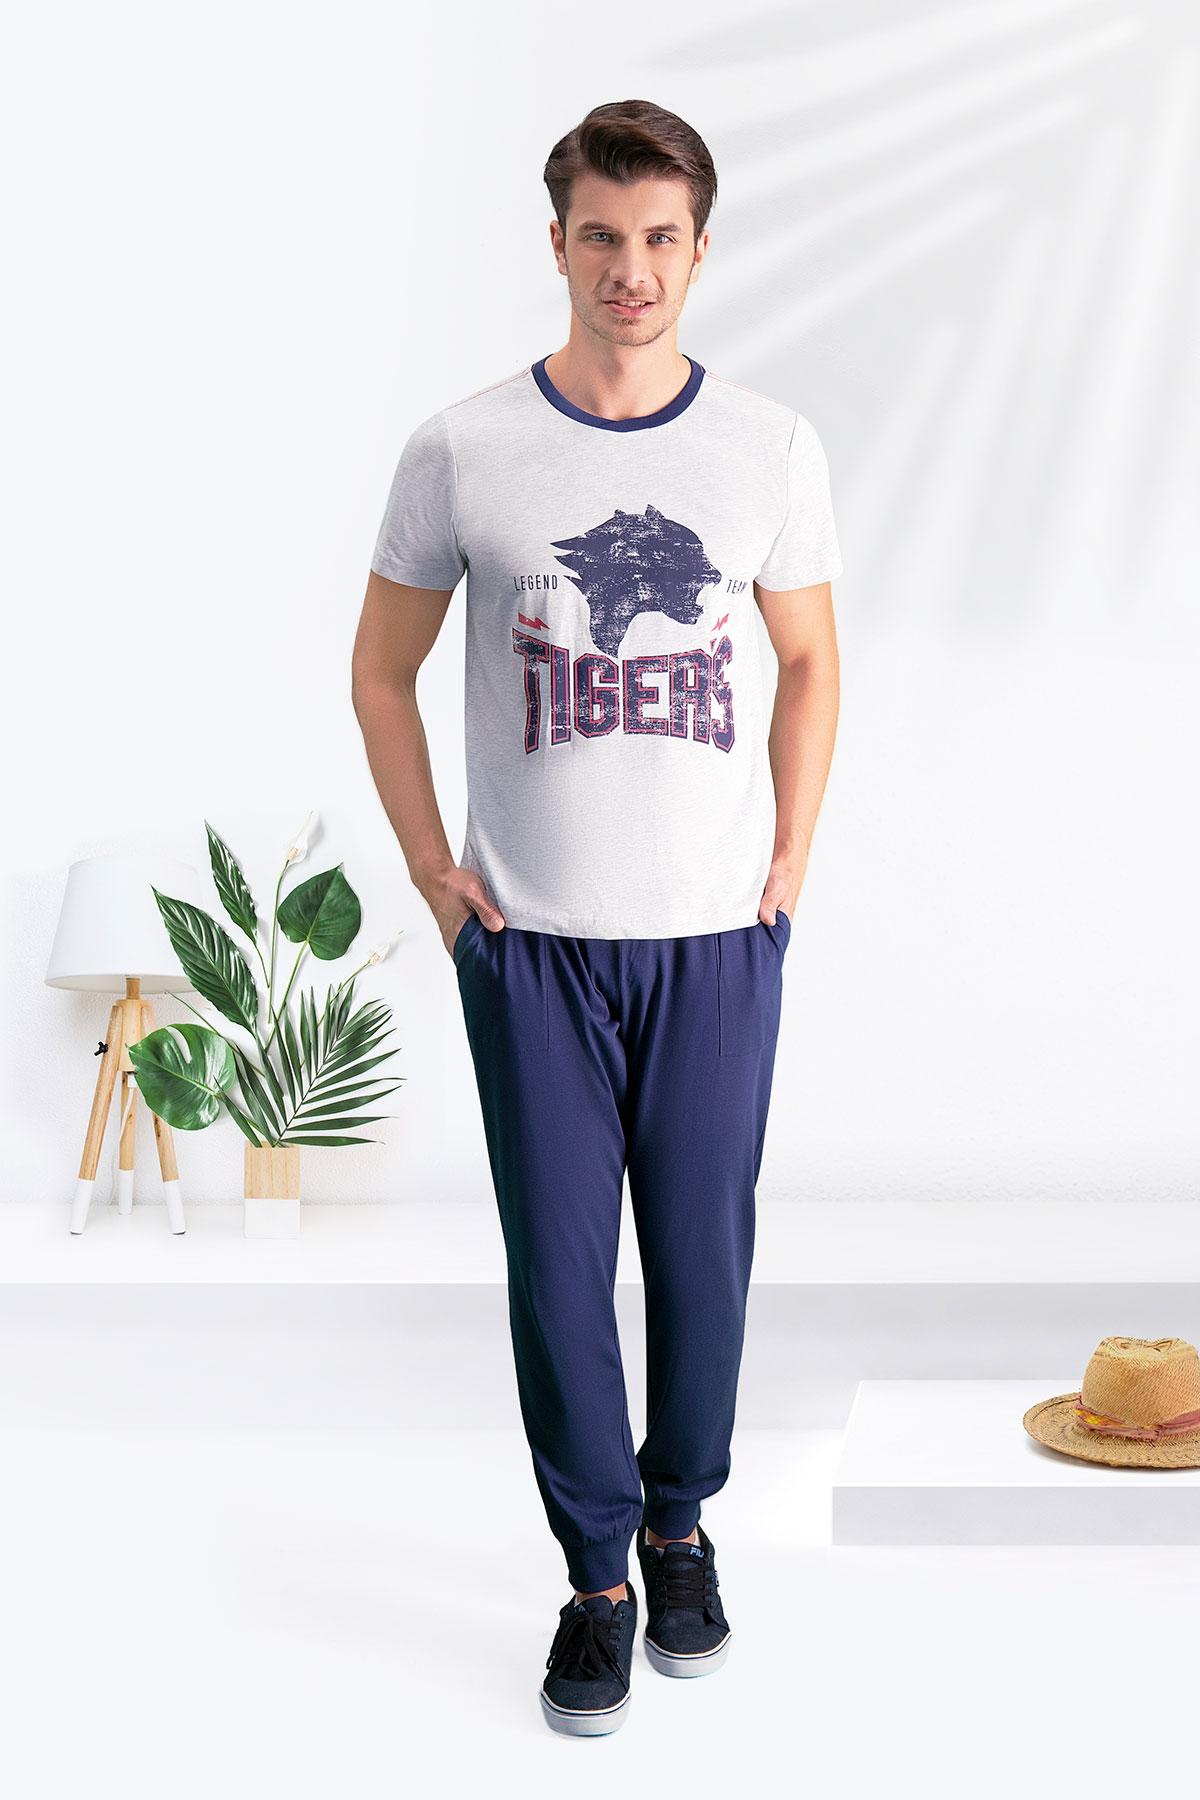 Arnetta Tiger's Karmelanj Baba Oğul Pijama Takımı (1)